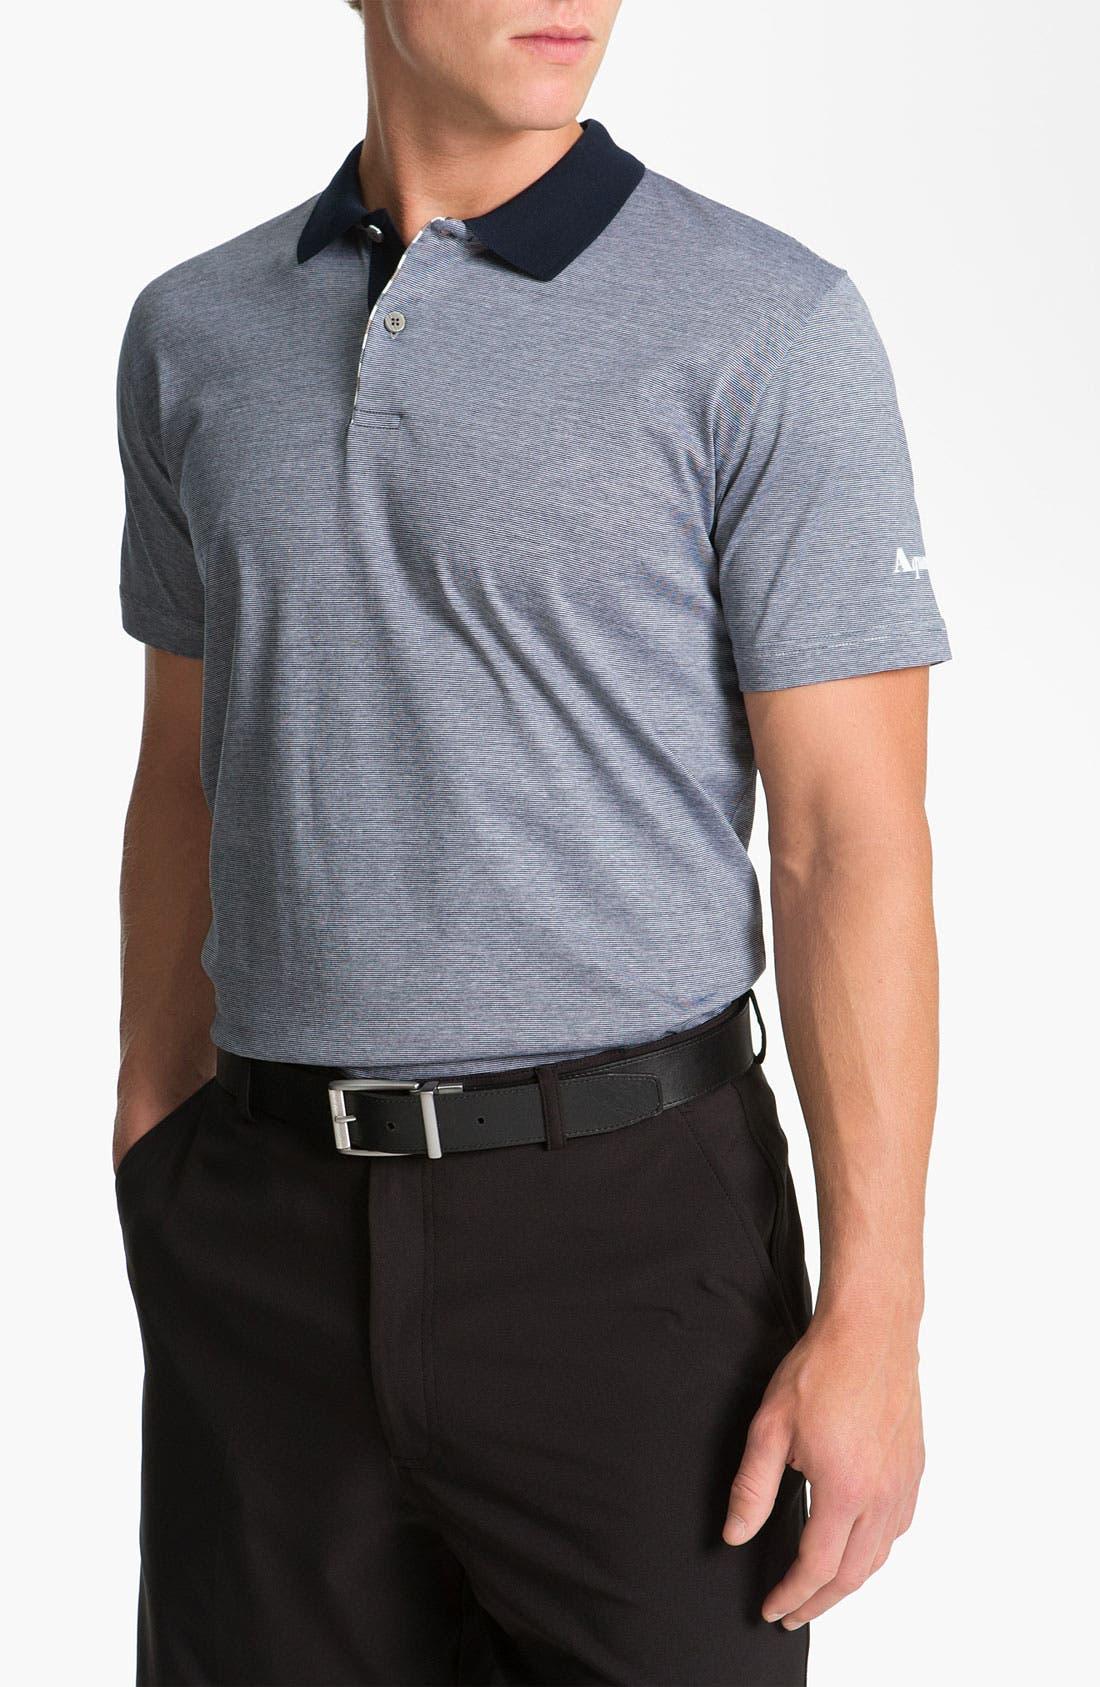 Alternate Image 1 Selected - Aquascutum Golf Mercerized Cotton Polo